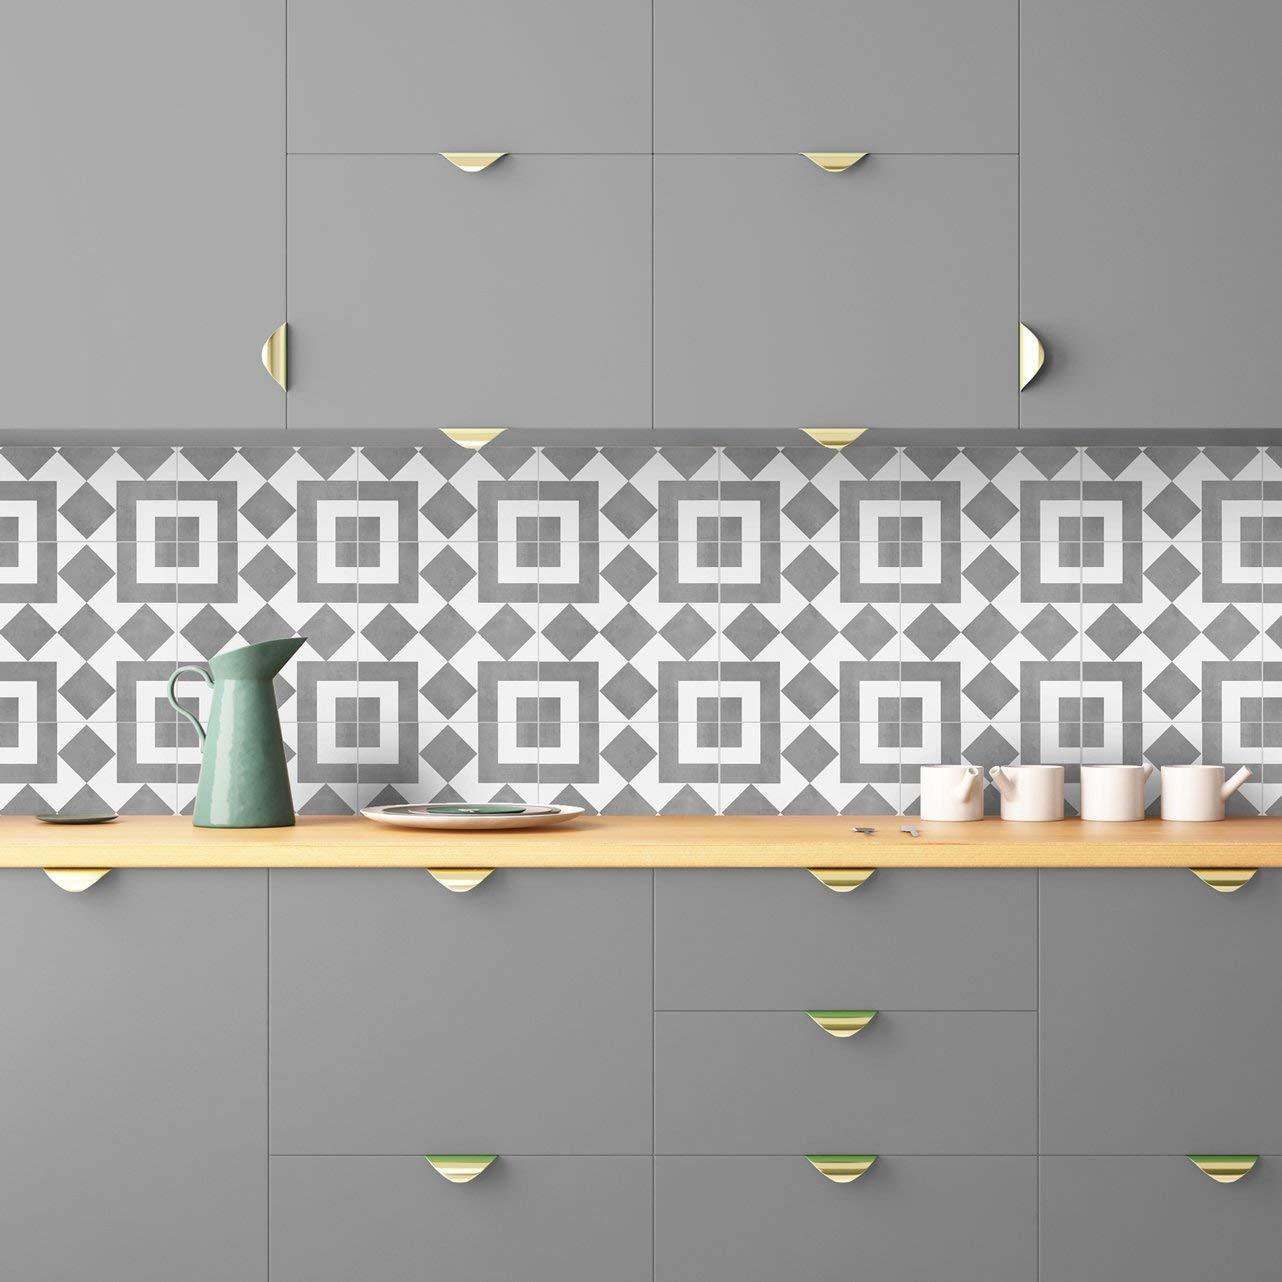 MoonStickers Fliesenaufkleber Decals - Packung mit mit mit 10 Fliesenaufkleber - 10 Einzelne Fliesen - Fliesenaufkleber (Fußboden - 33 x 33 cm, grau and Weiß Portuguese Fliesenaufkleber) B07JMD7HVG Wandtattoos & Wandbilder 810c70